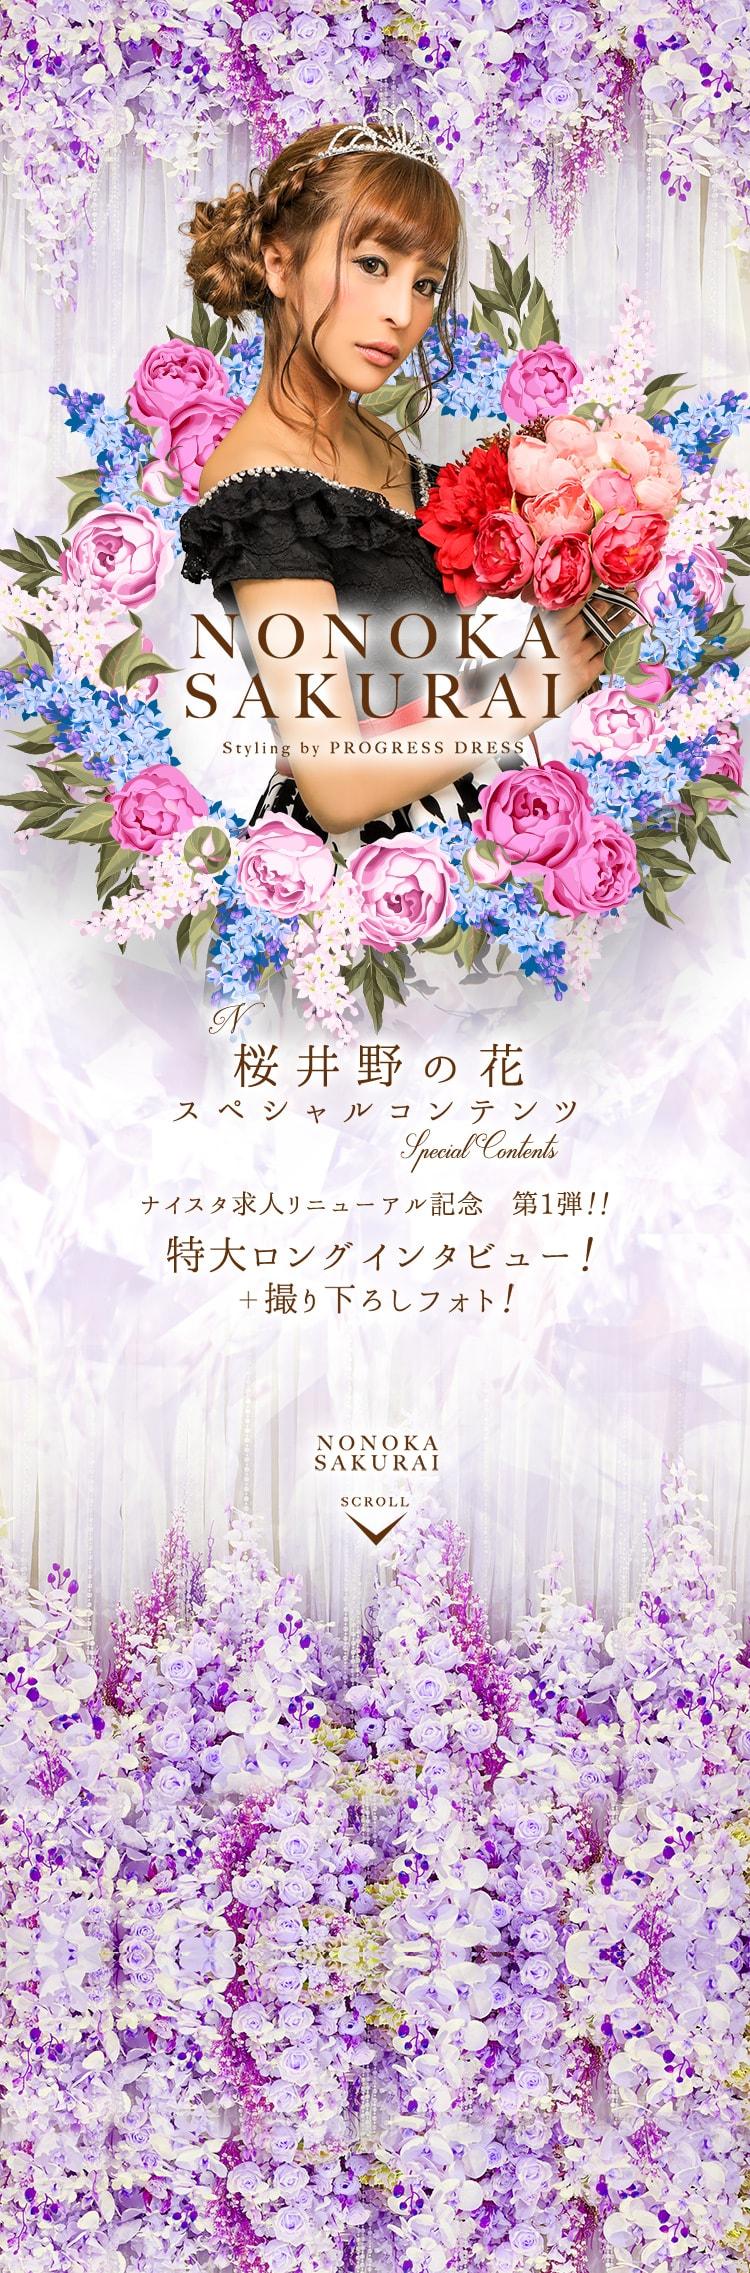 花 の 桜井 野